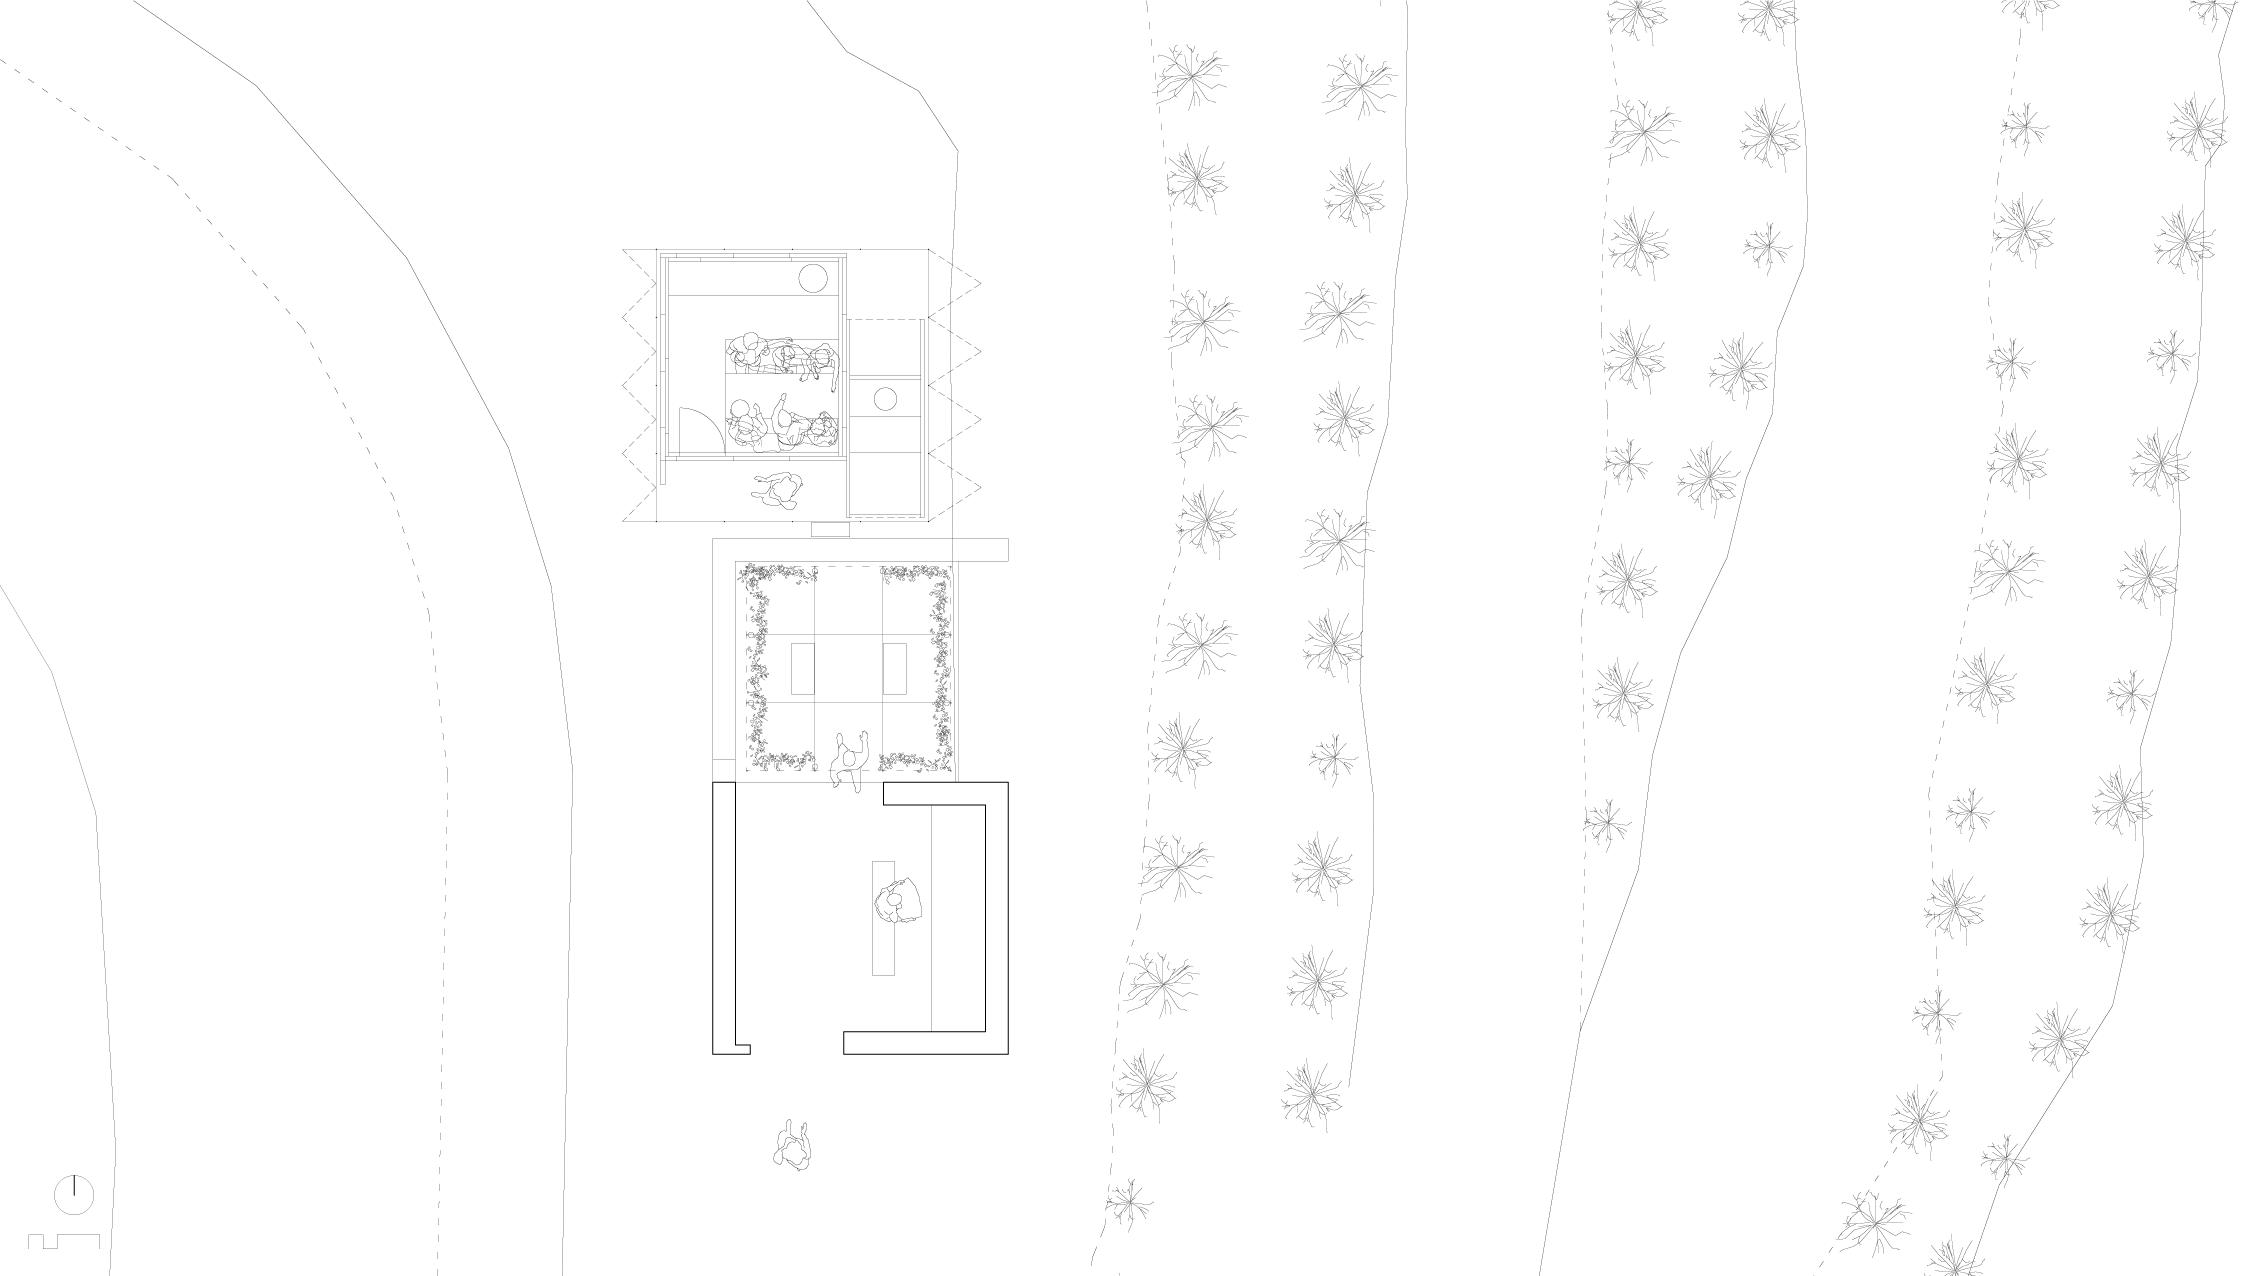 62_planta-shelter-3_50-wb.png